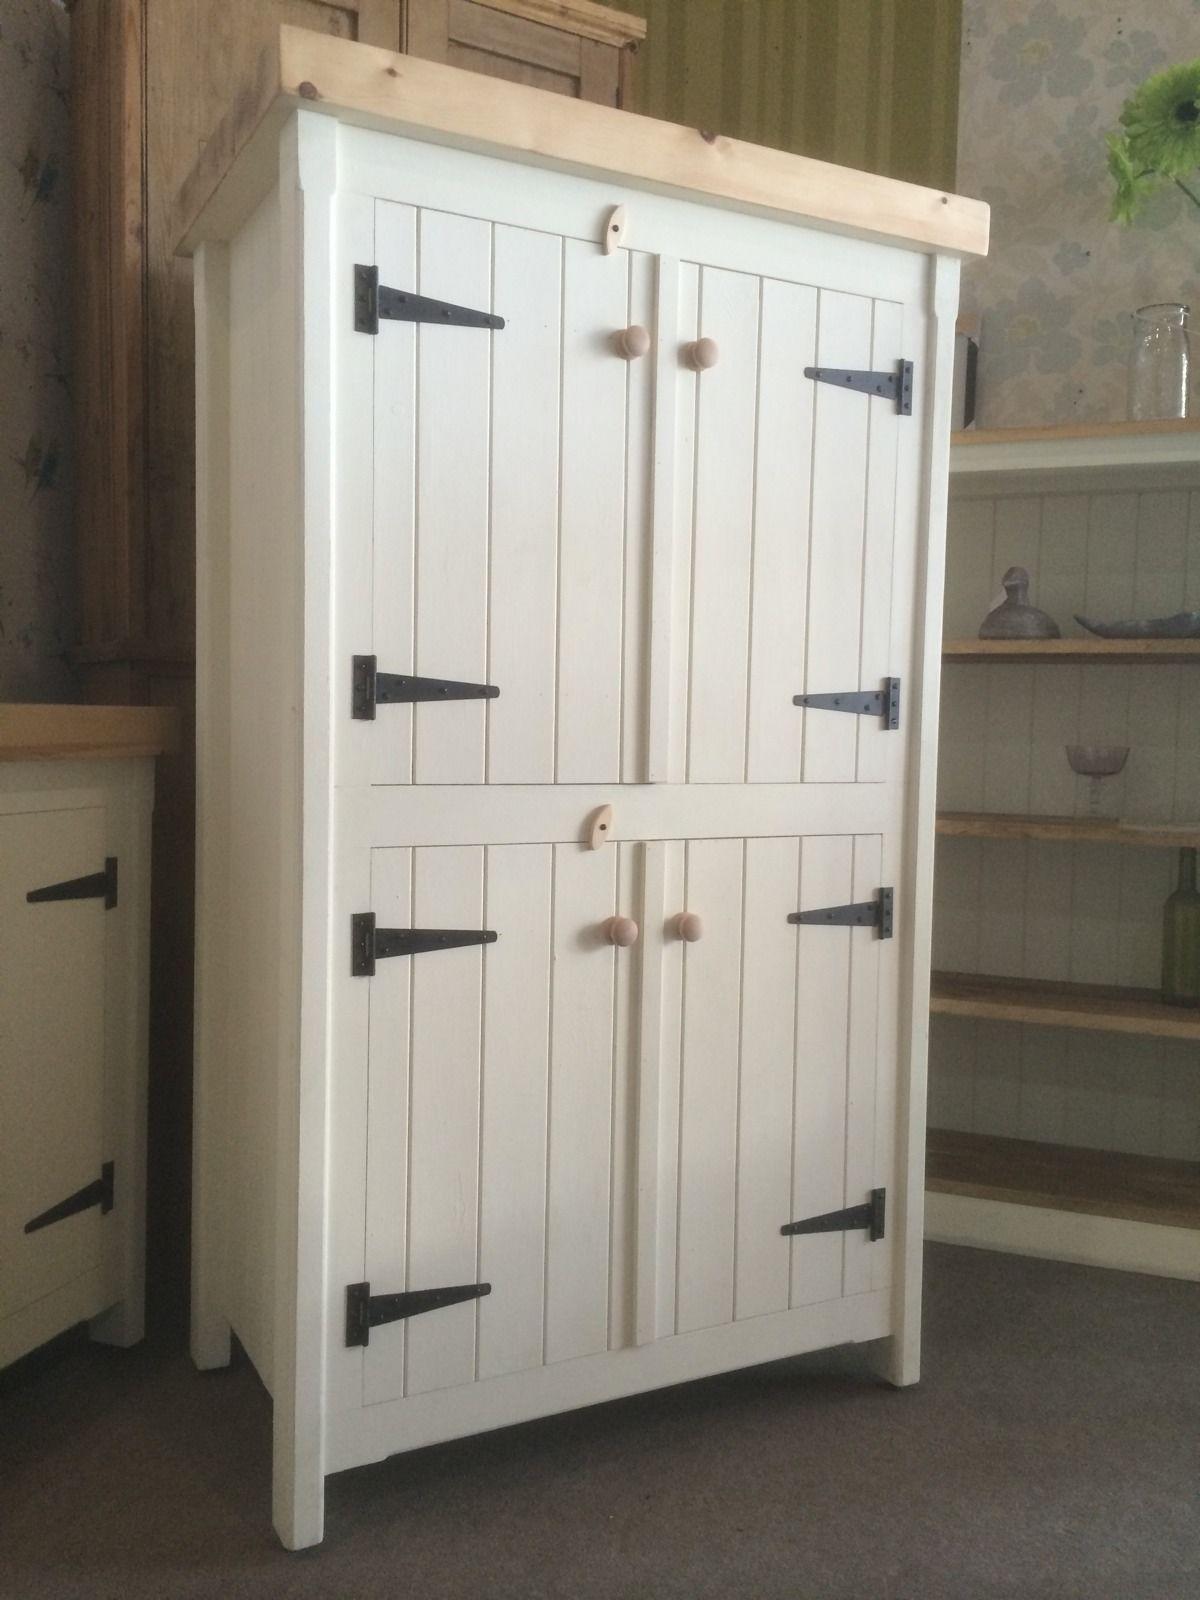 Rustic Wooden Pine Freestanding Kitchen Handmade Cupboard Unit